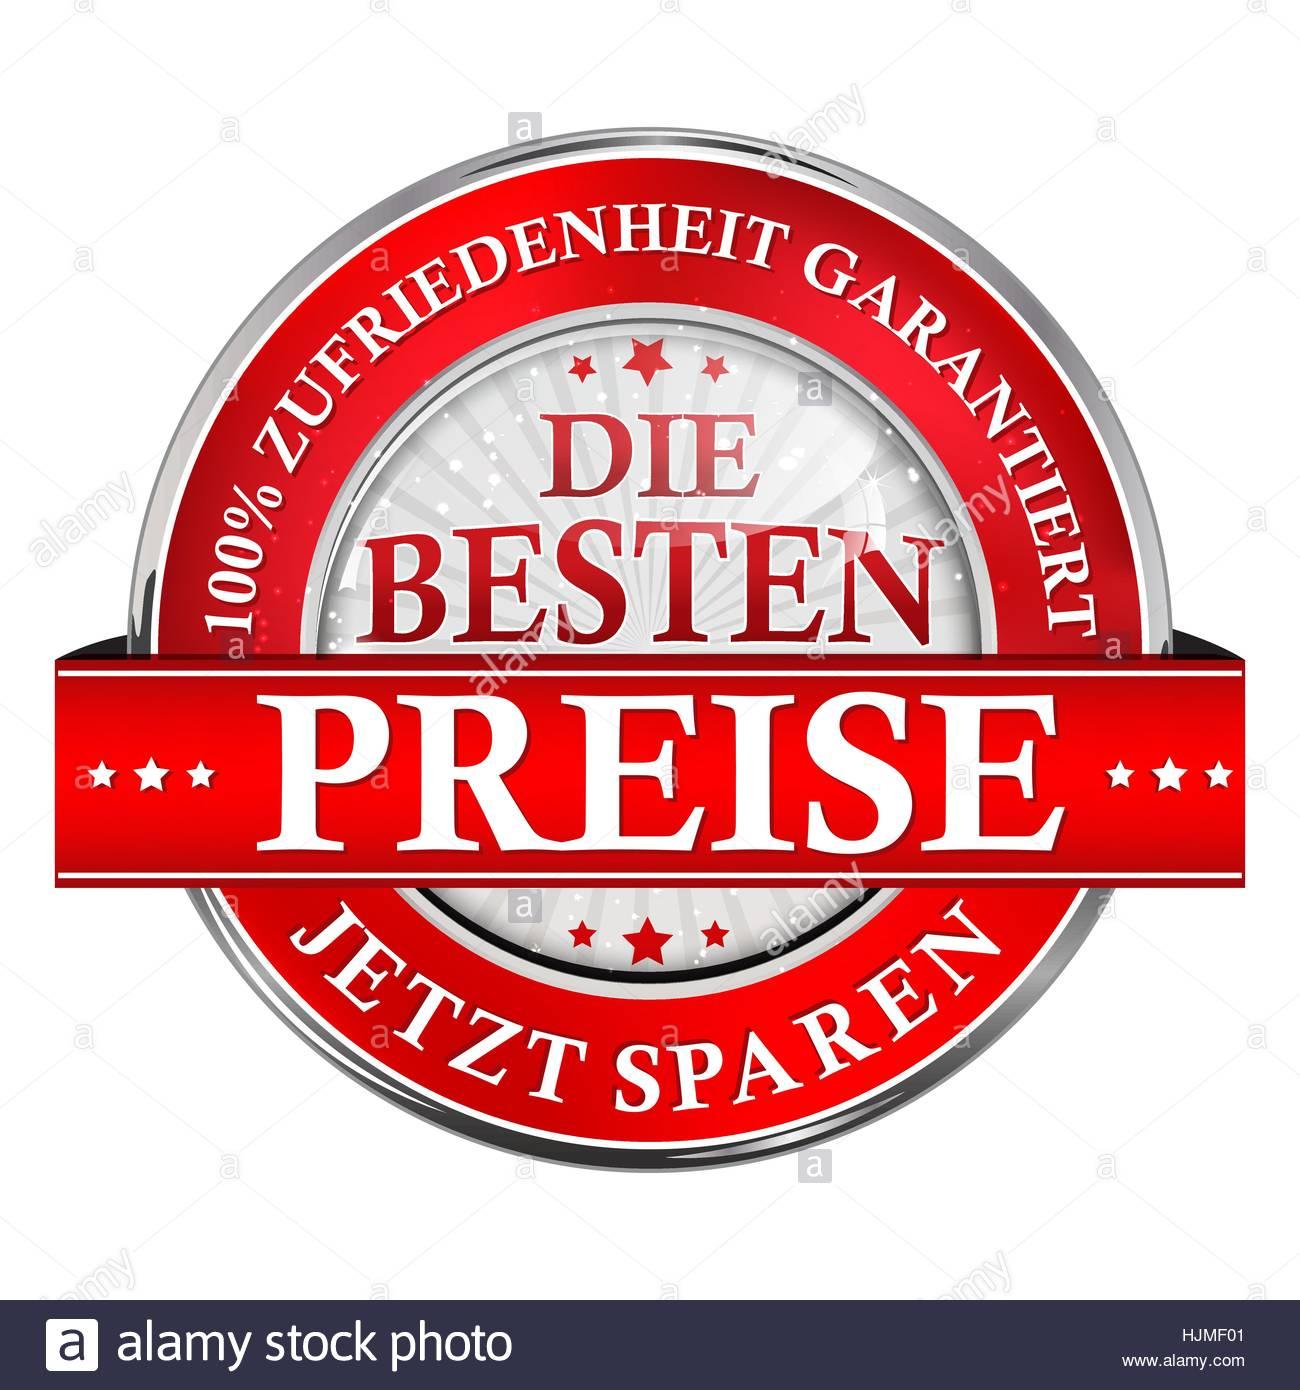 Die Besten Preise, Jetzt Sparen. Garantierte Zufriedenheit. - Geschäft Einzelhandel Band / Etikette - Stock Vector